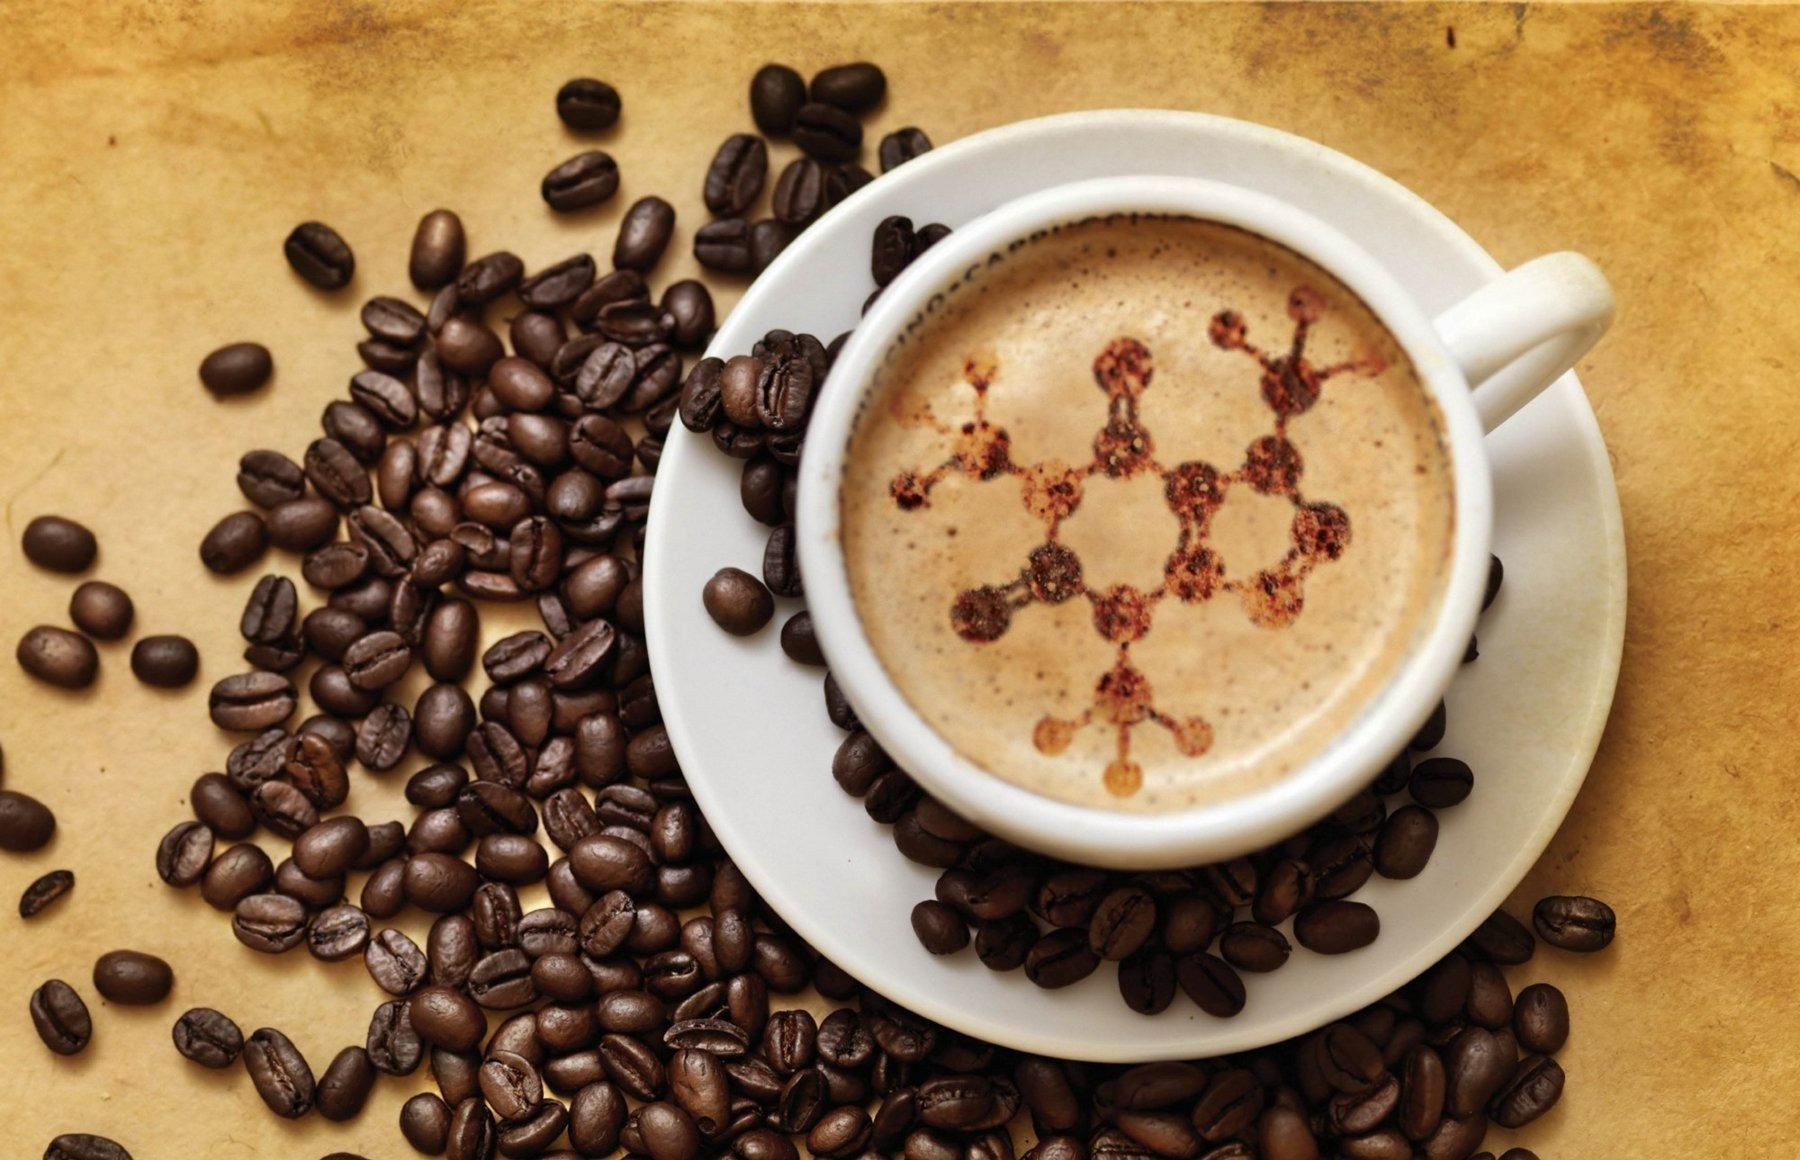 Giá cà phê hôm nay 18/9: Tăng mạnh 400 - 600 đồng/kg